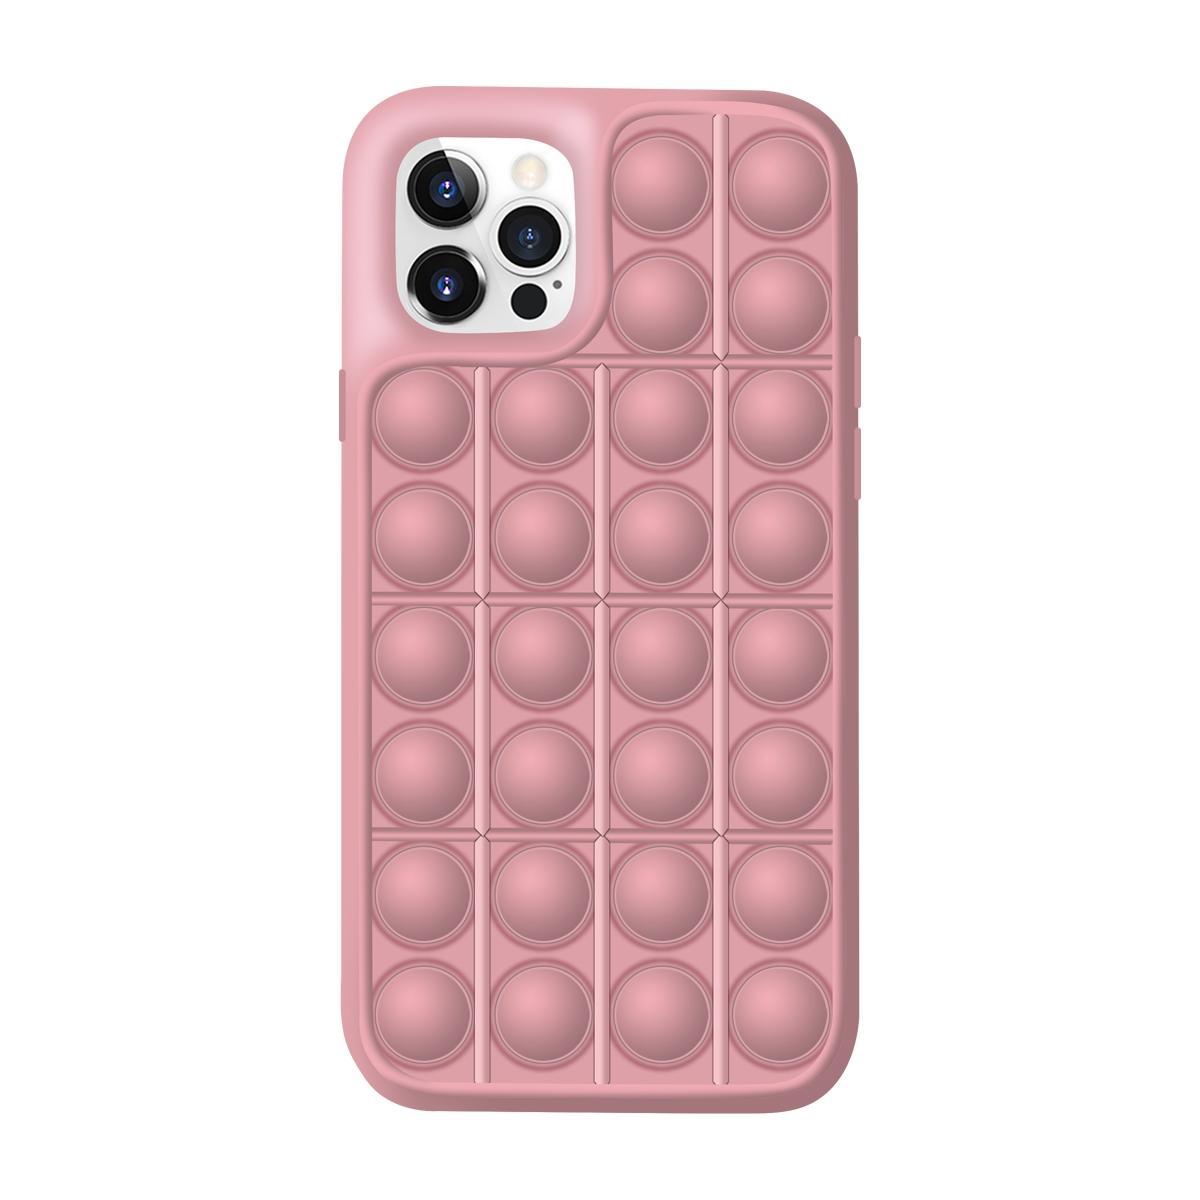 아이폰12 미니 레고 뽁뽁이 디자인 특이한 핸드폰 케이스 (핑크)